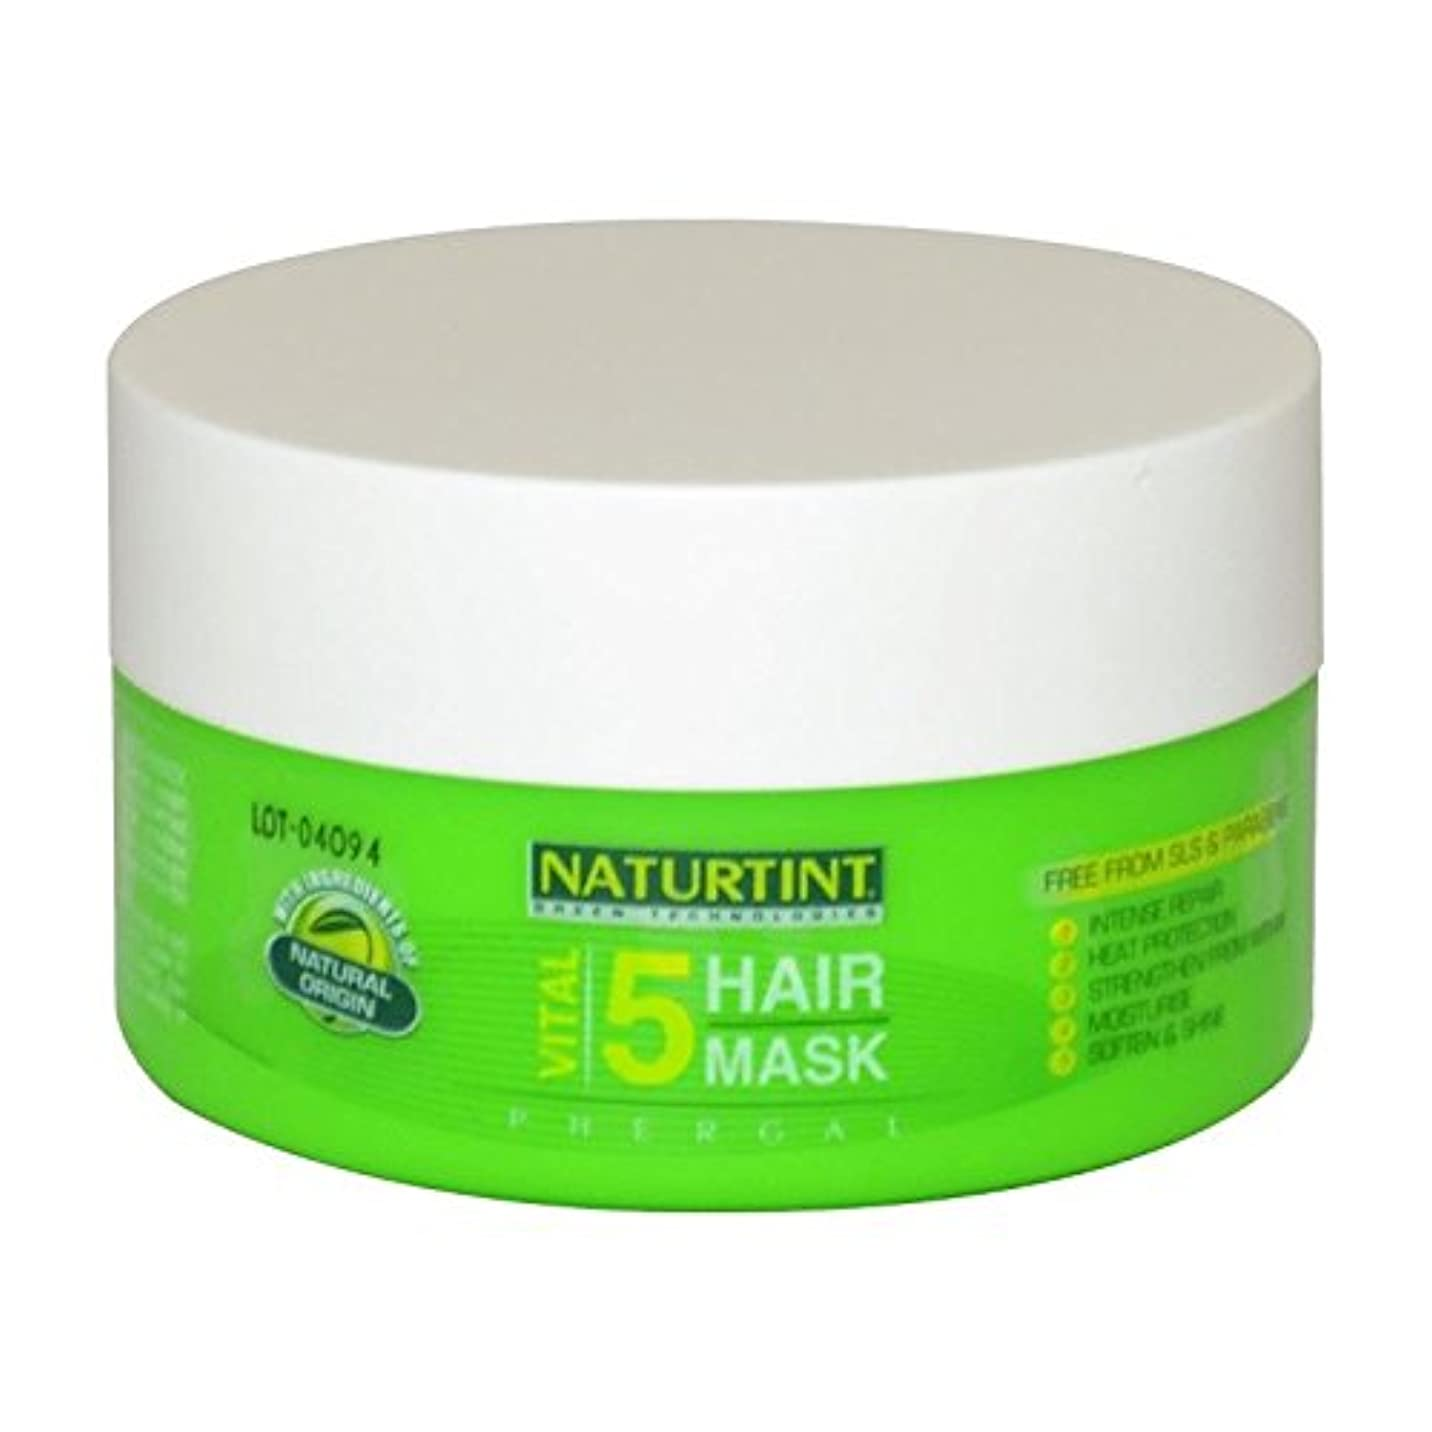 広告ステートメント祖父母を訪問[Naturtint] Naturtint重要な5ヘアマスク - Naturtint Vital 5 Hair Mask [並行輸入品]